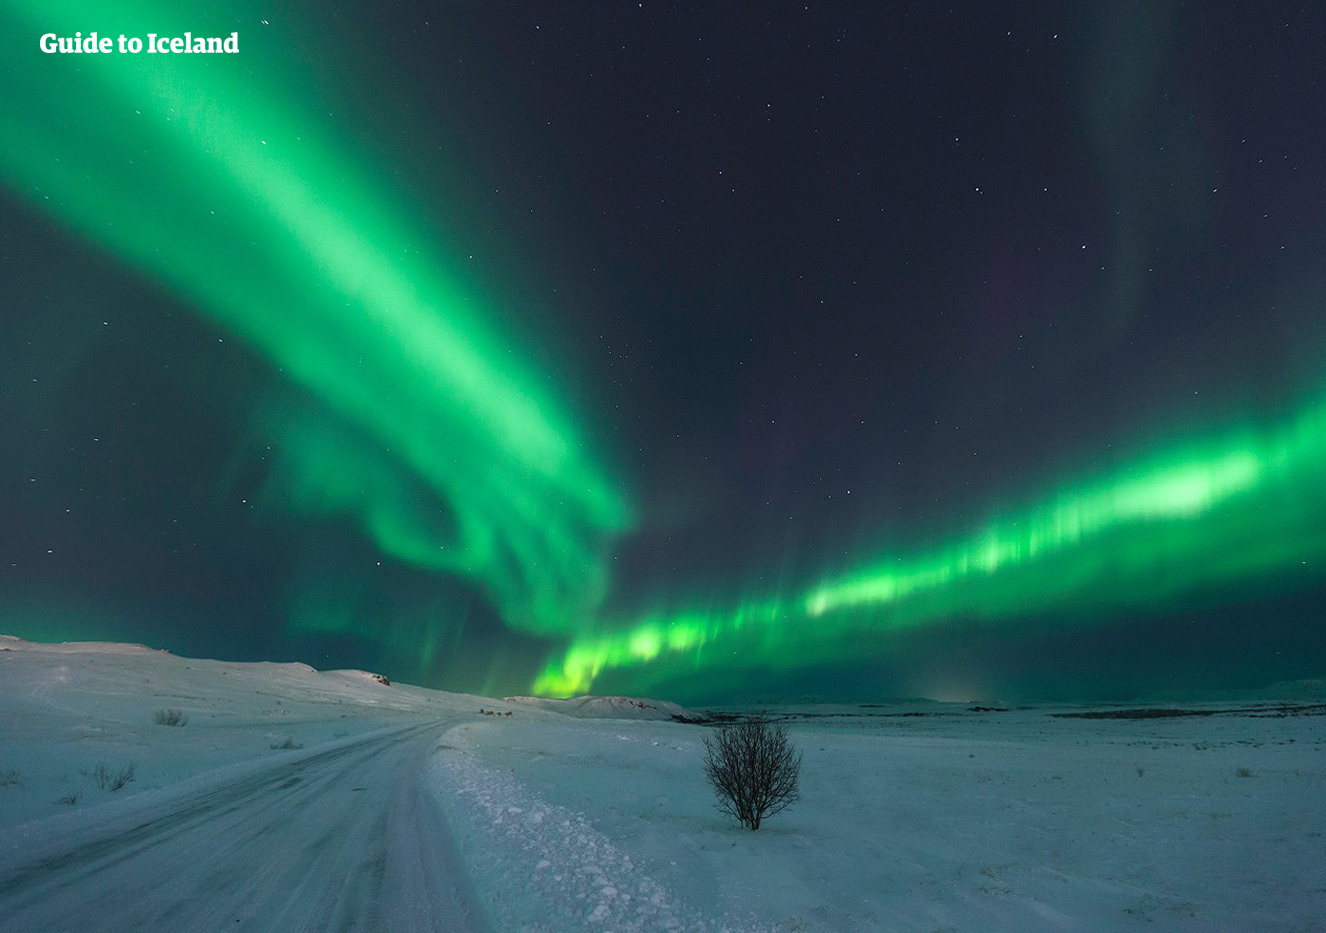 8-dages kør selv-vinterferie   Nordlys og isgrotter